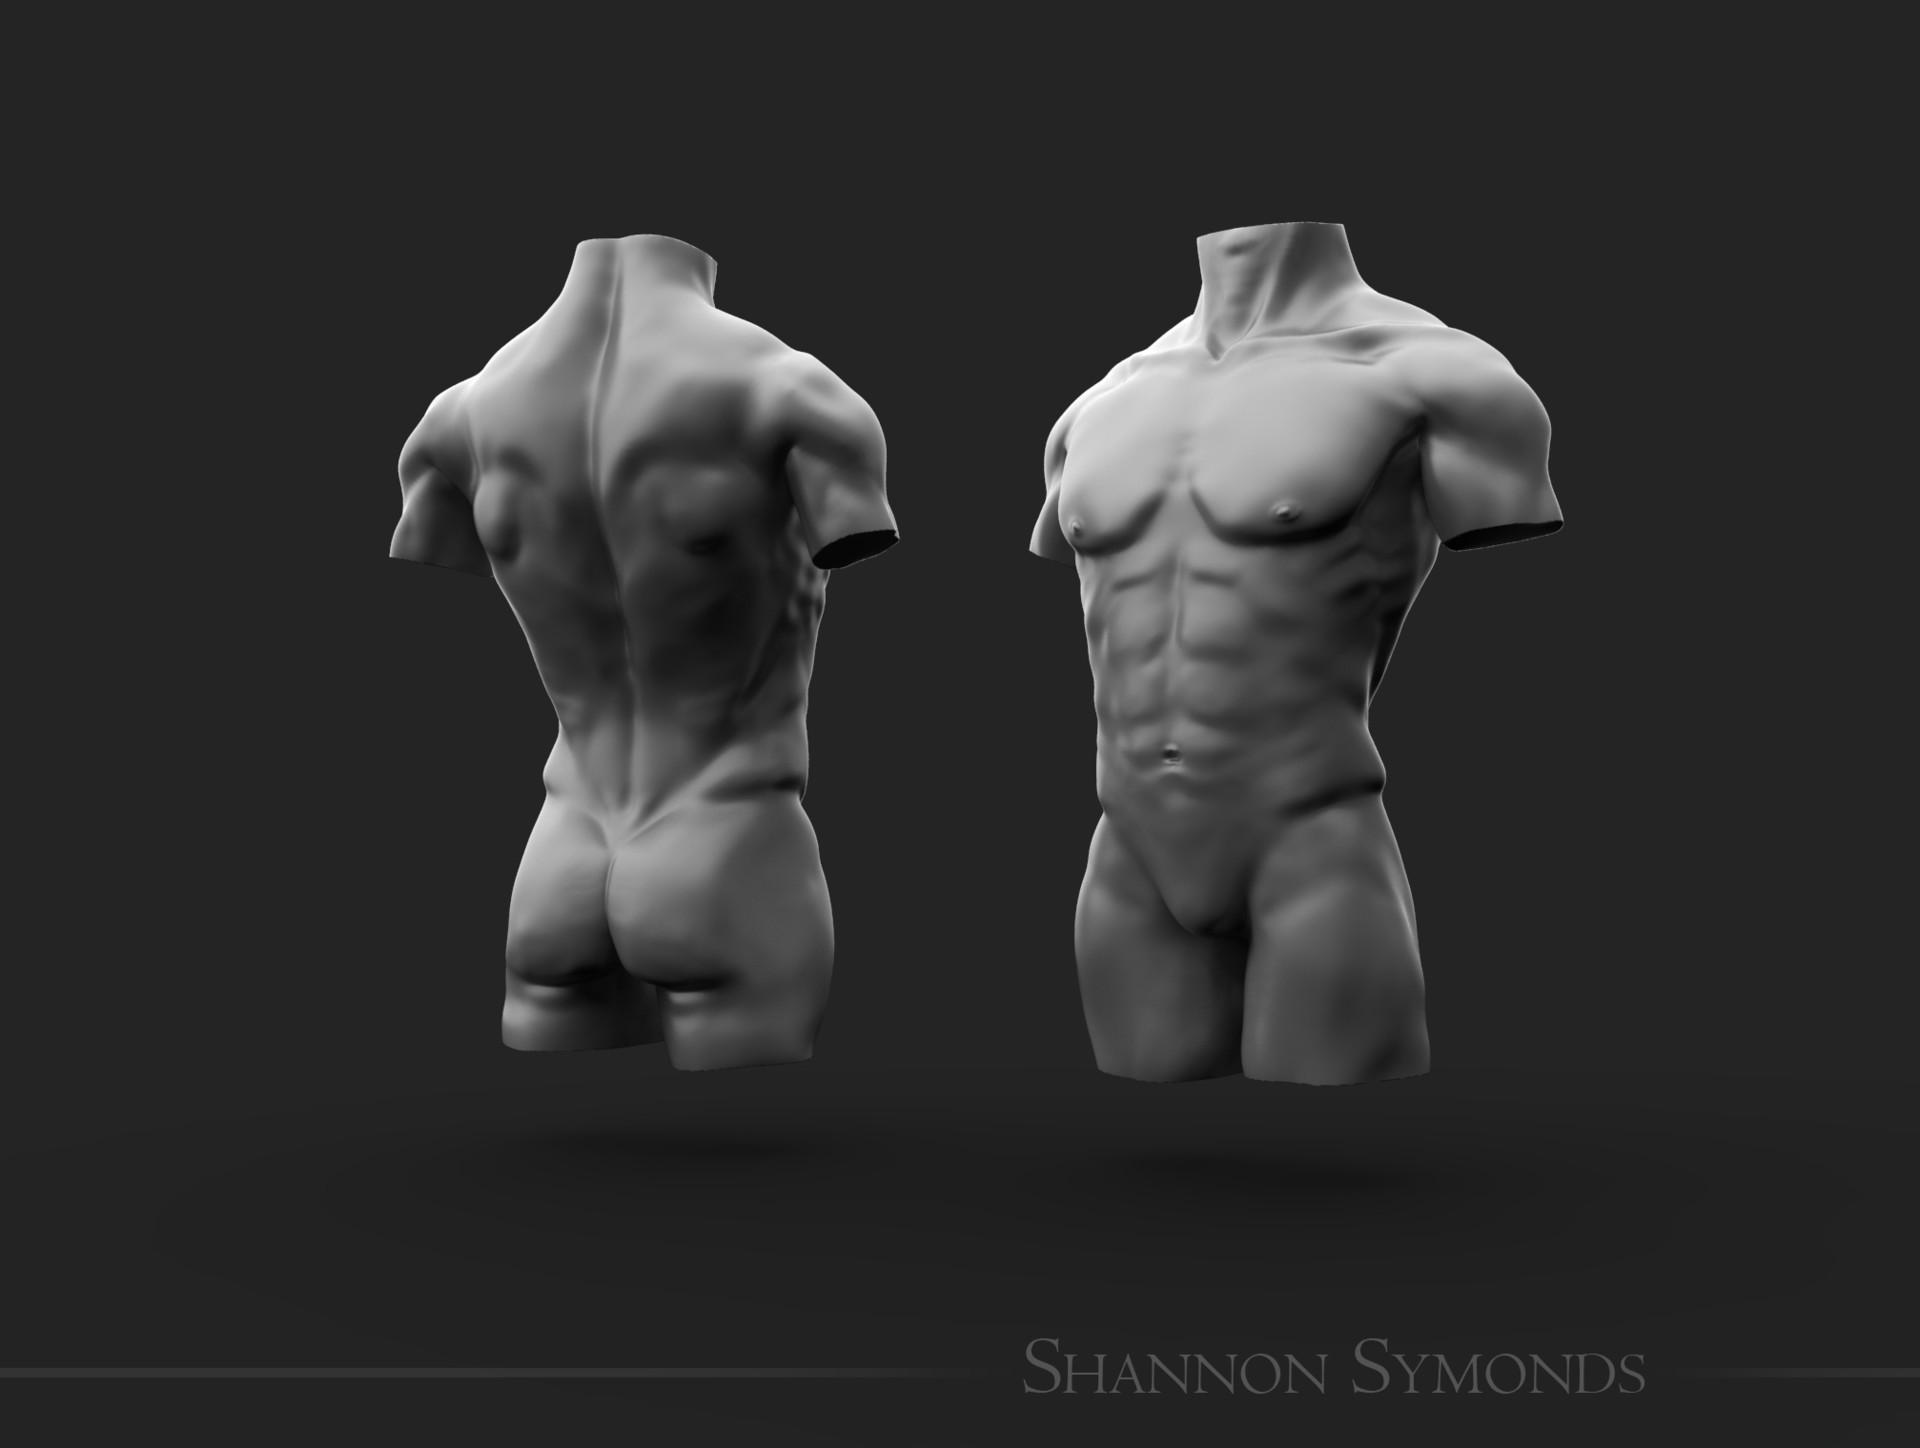 Shannon symonds male unposed